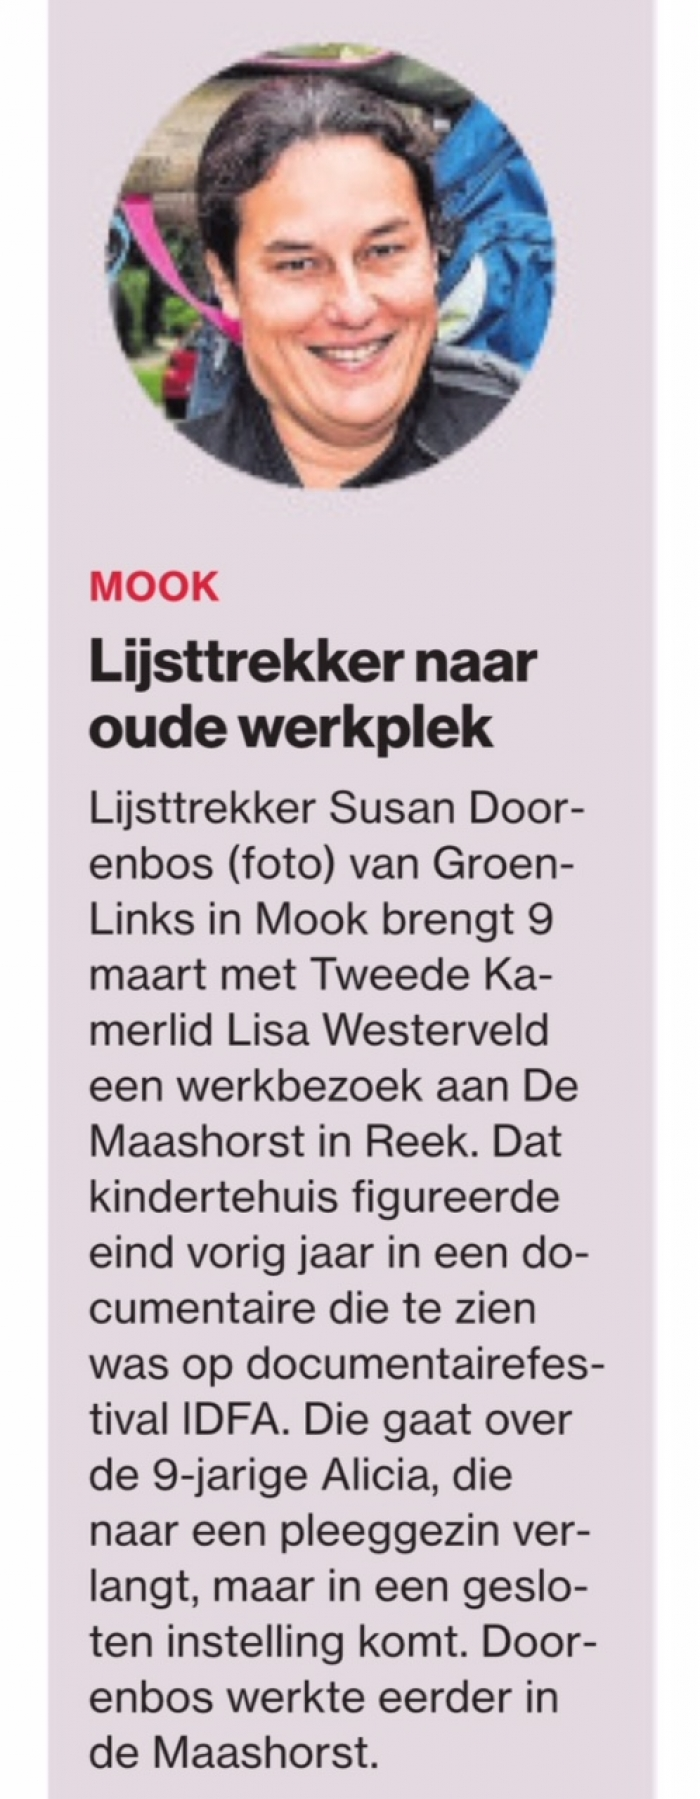 Susan Doorenbos bezoekt kindertehuis Reek